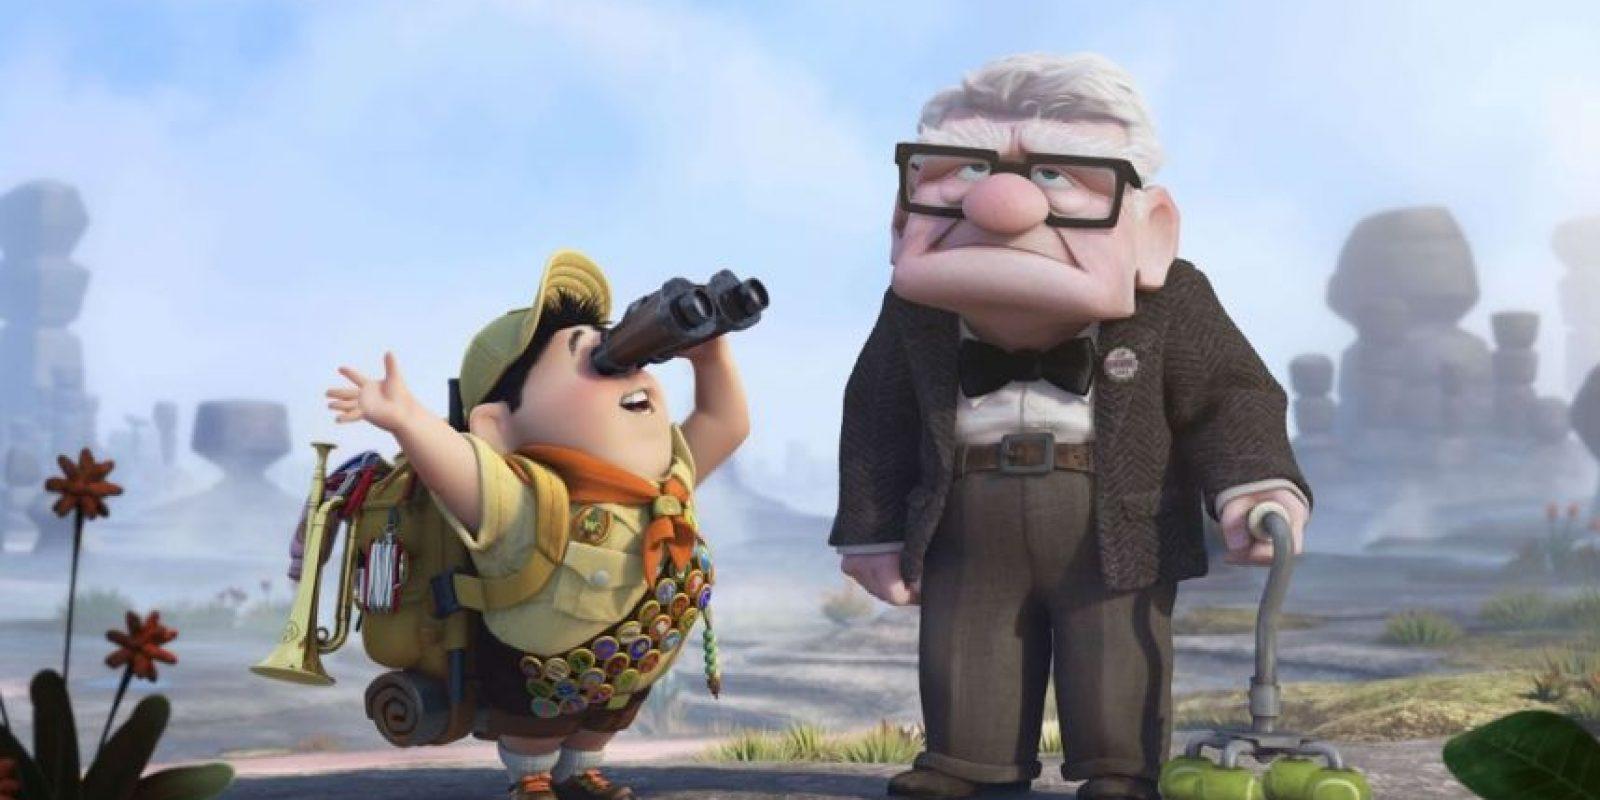 Conmovió a todos por su historia de amor con su esposa Ellie y por querer hacer su sueño Foto:Pixar